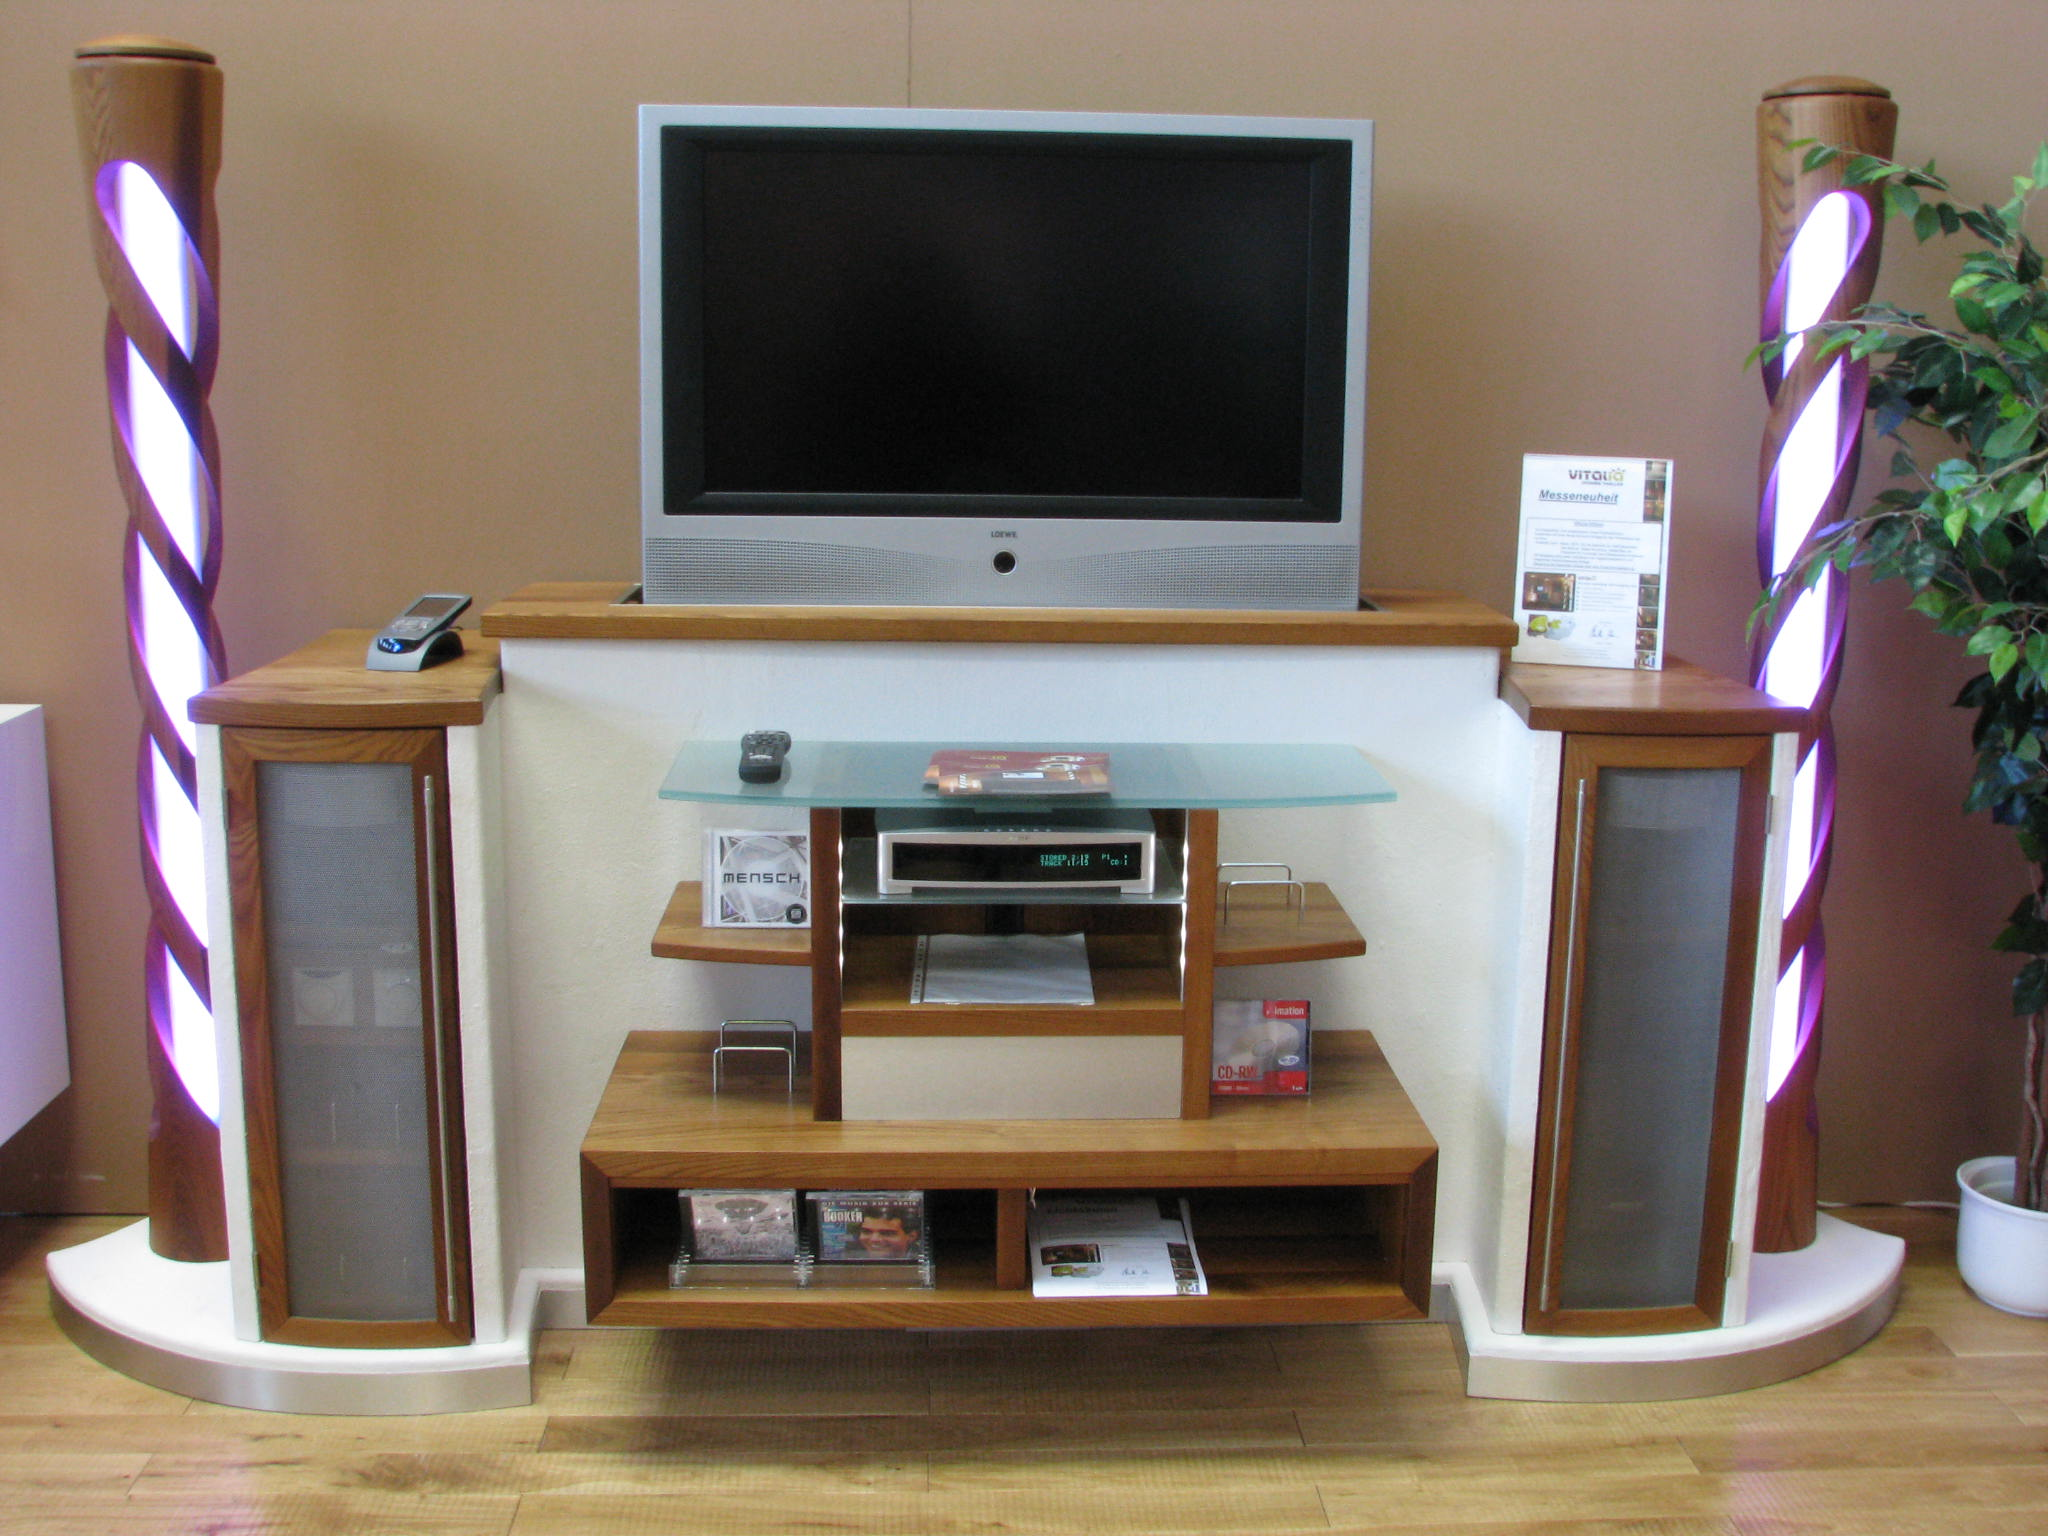 versenkbarer fernseher m bel tv sideboard versenkbar versenkbarer fernseher archive tv lift. Black Bedroom Furniture Sets. Home Design Ideas